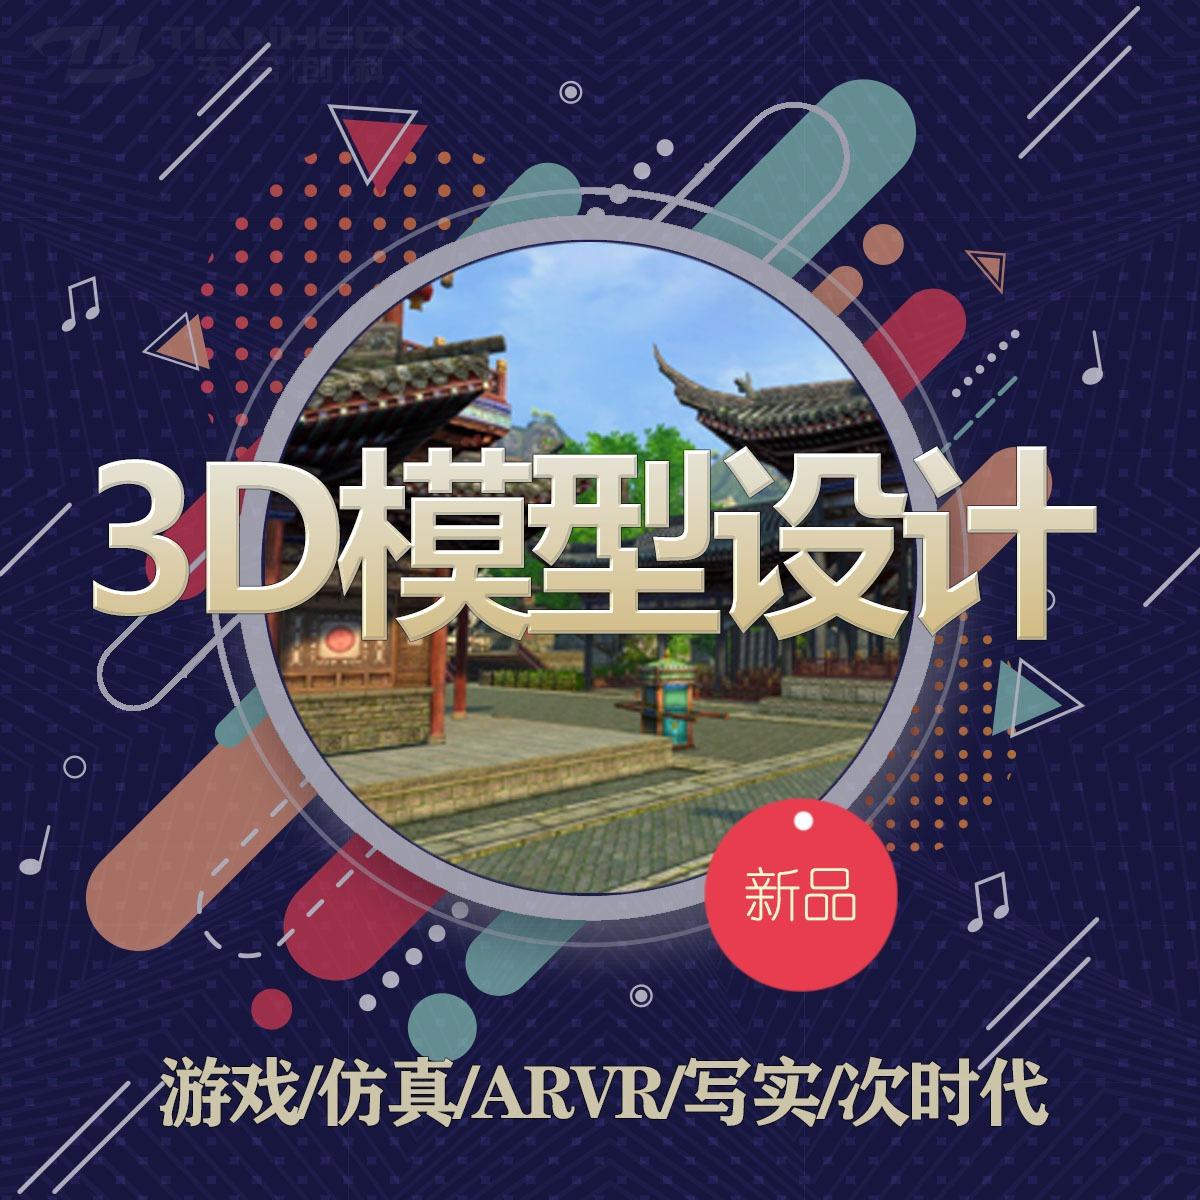 U3D/UE4虚拟仿真工业模型次时代建筑场景游戏手绘